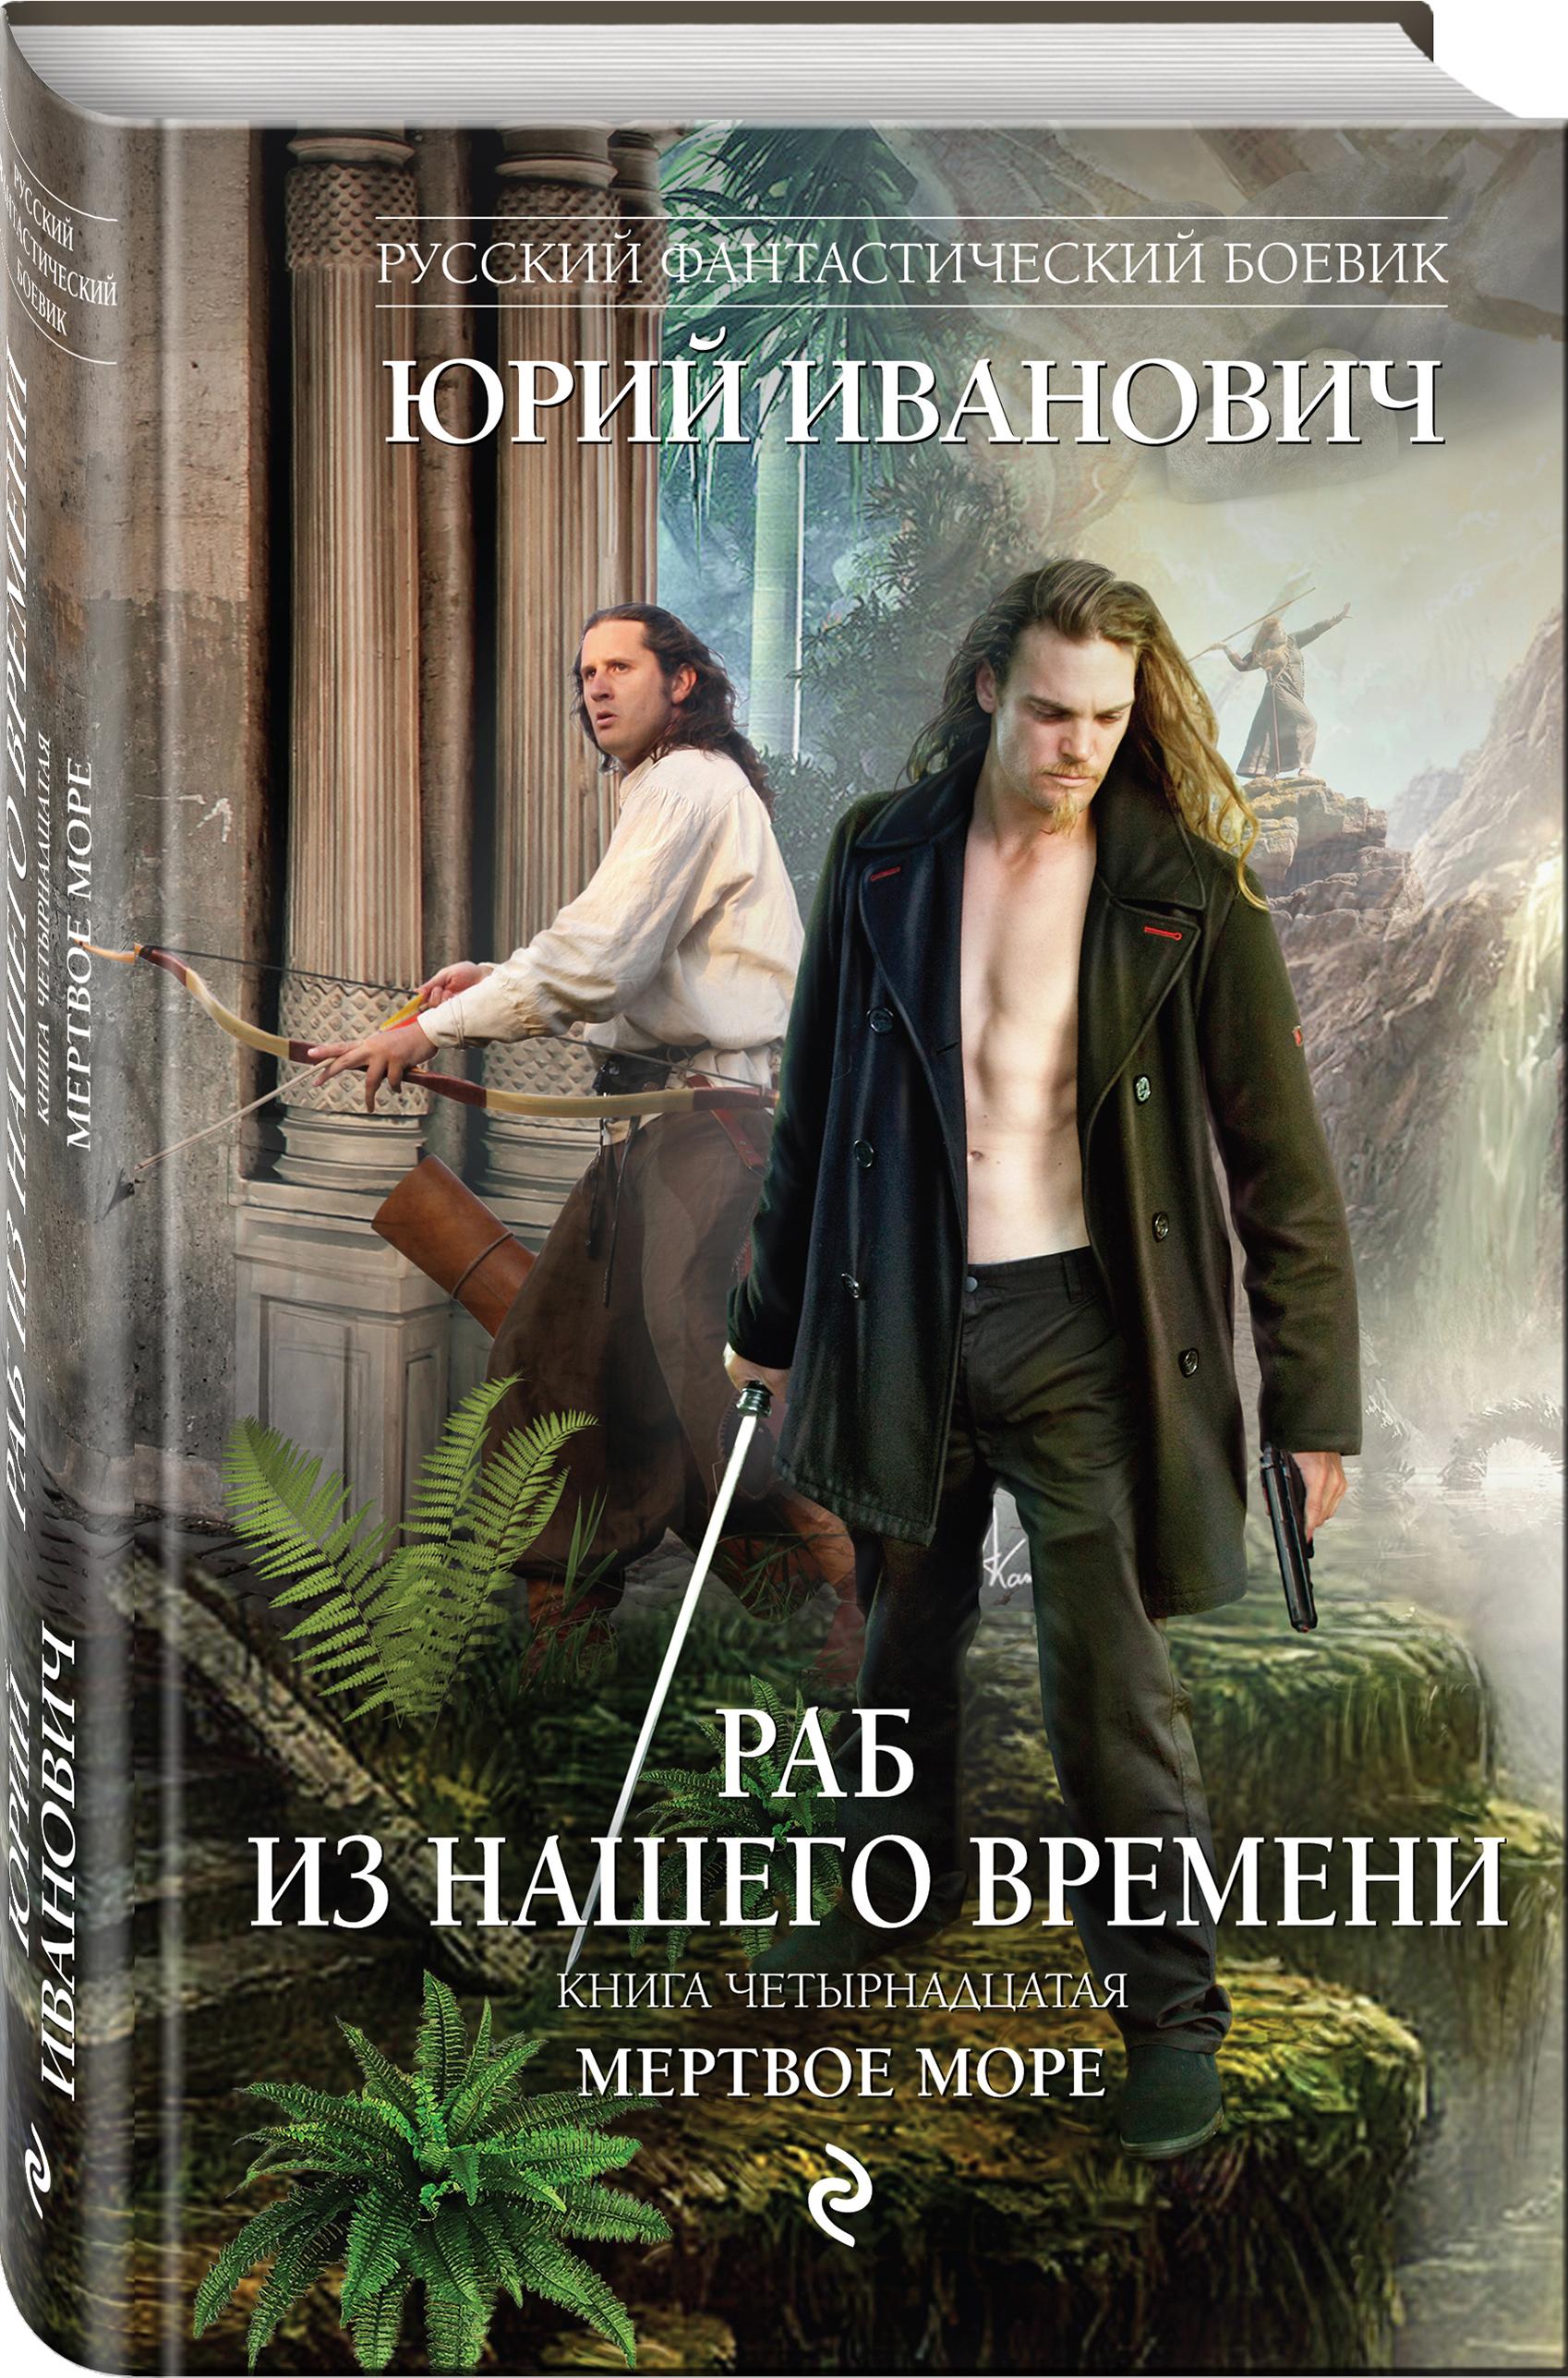 Юрий Иванович Раб из нашего времени. Книга четырнадцатая. Мертвое море